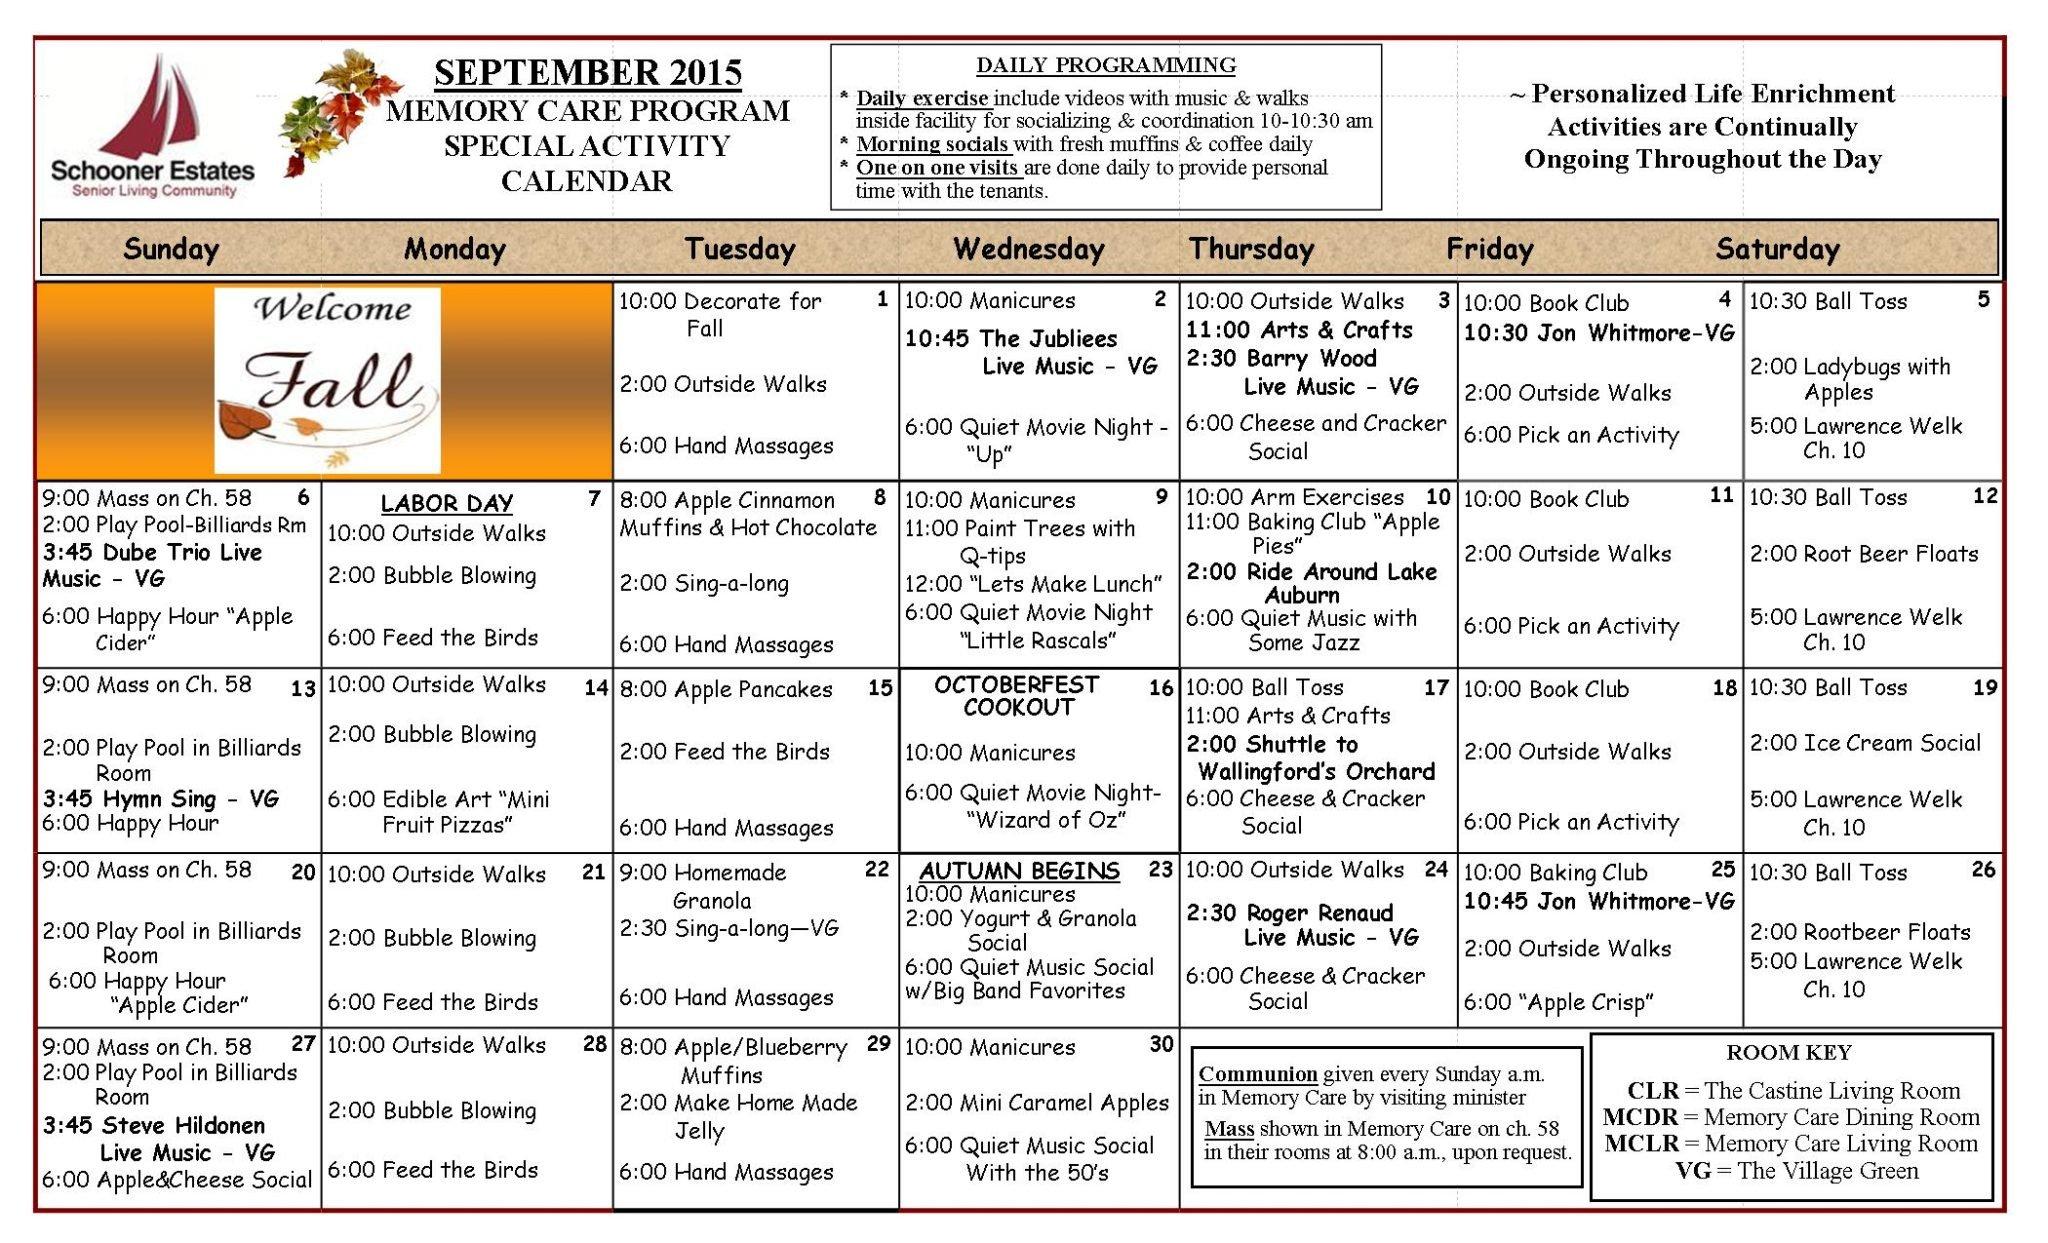 September 2015 Memory Care Calendar